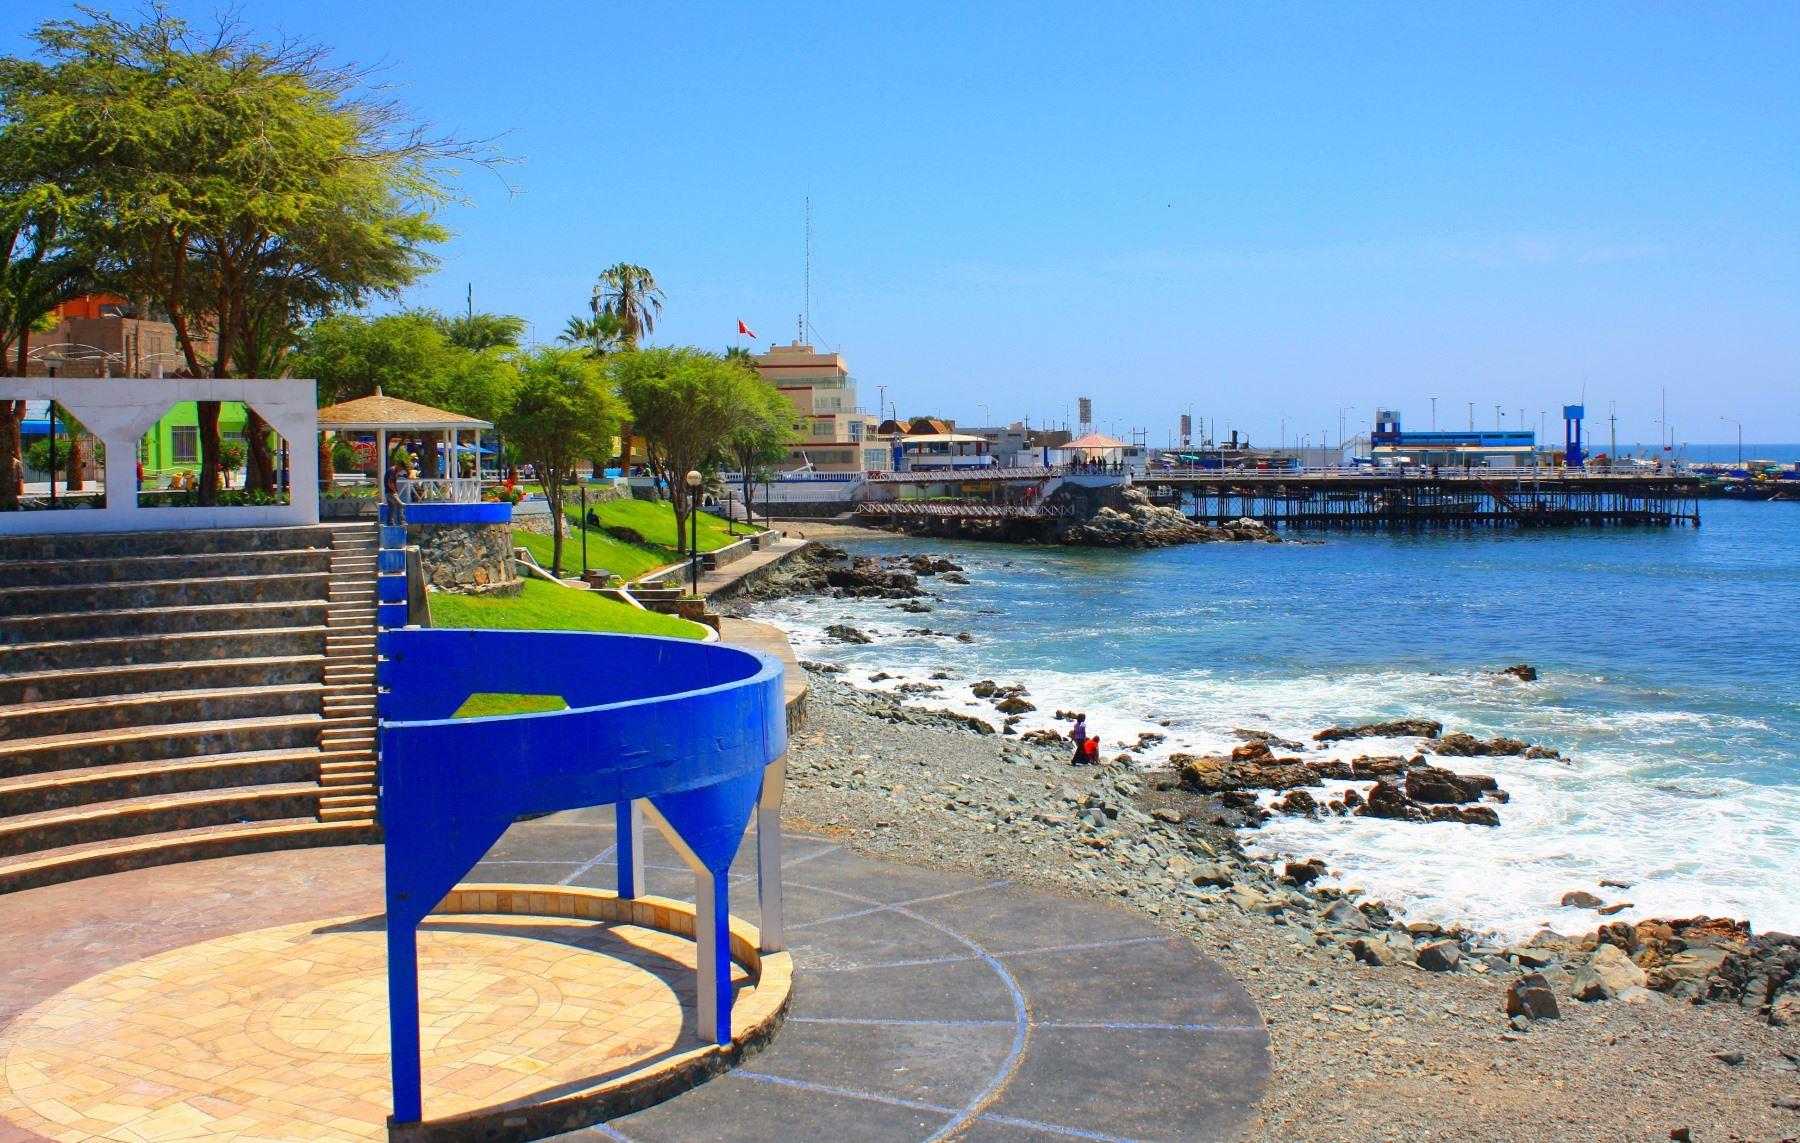 Ejecutarán proyecto para mejorar y ampliar el malecón costero de la ciudad de Ilo, en Moquegua. ANDINA